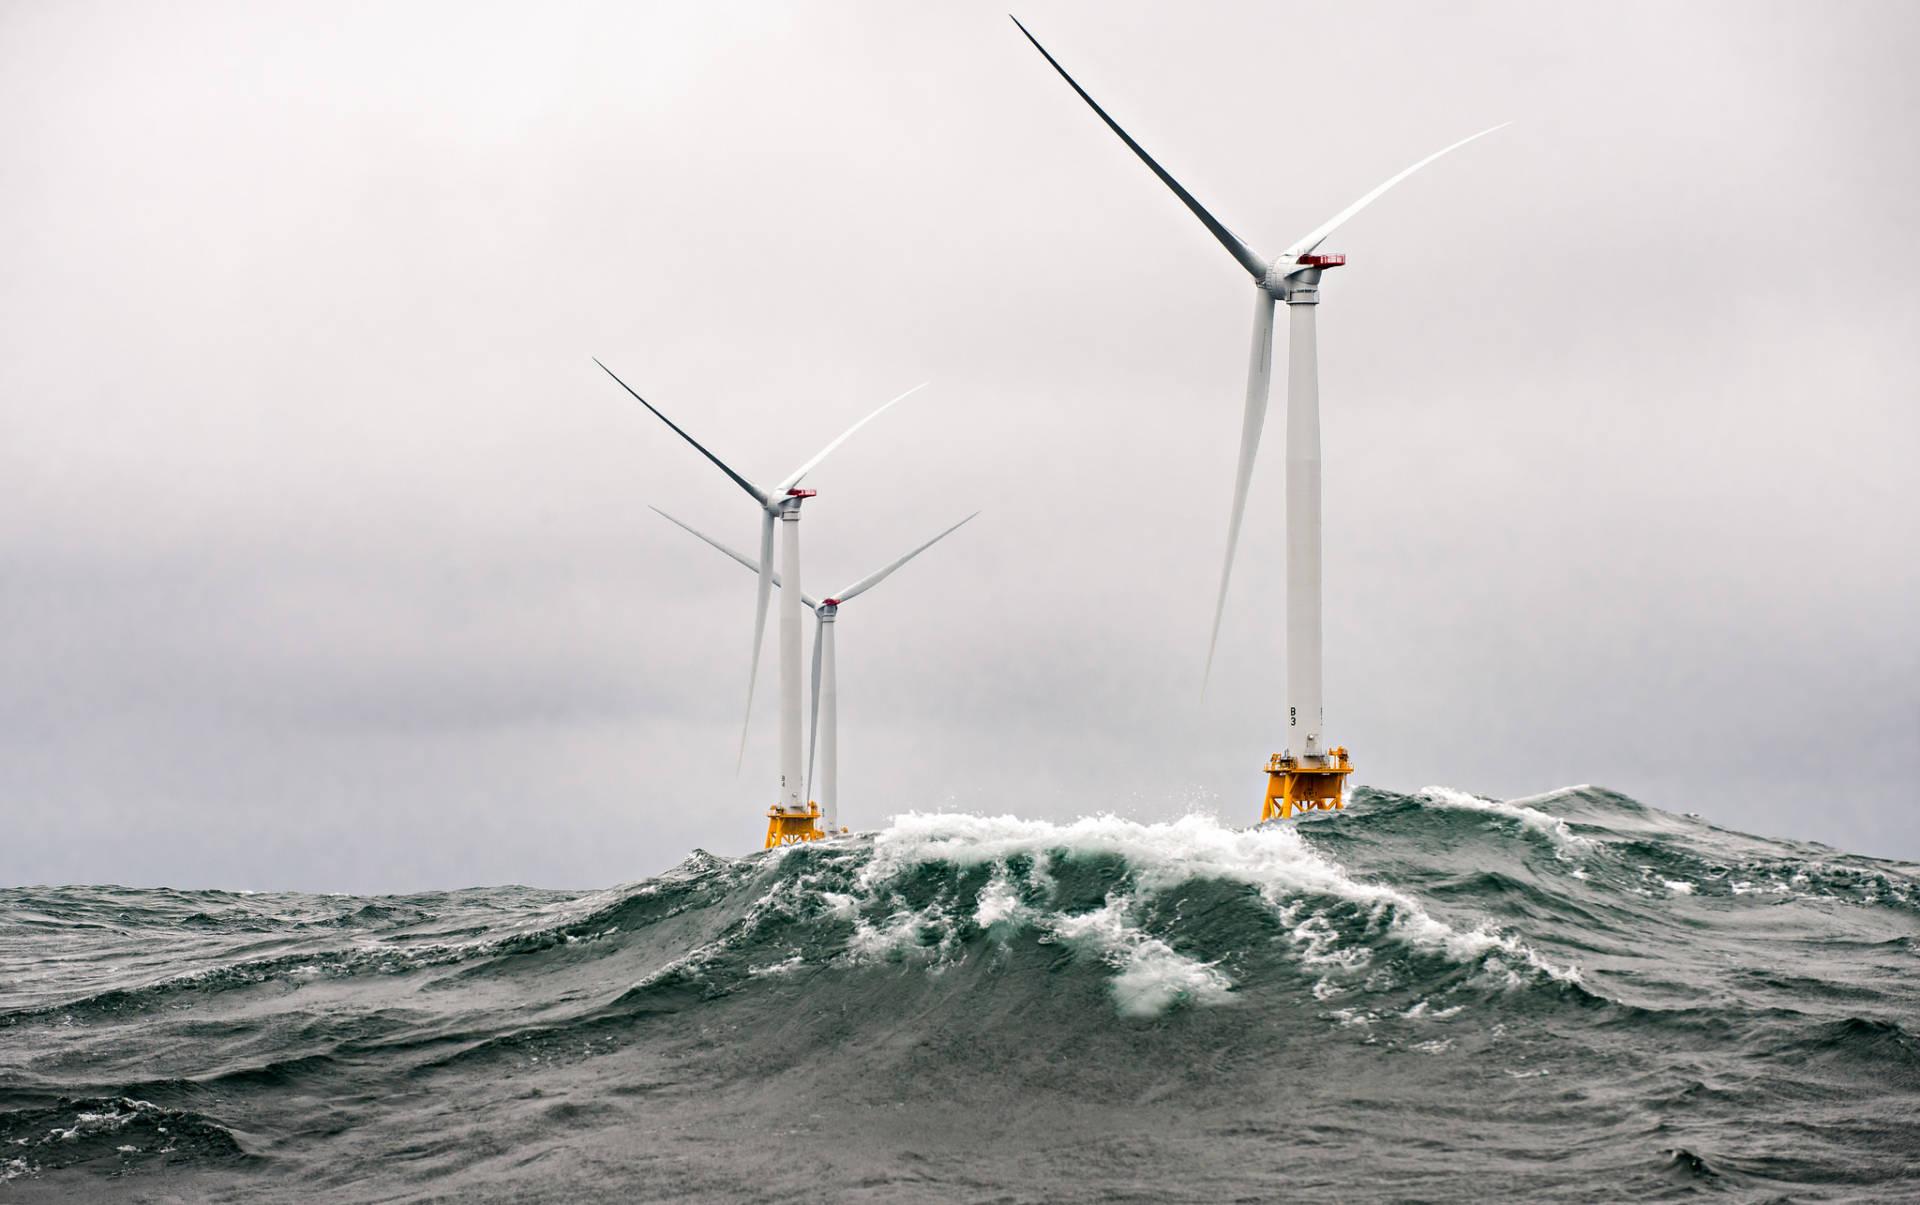 """The Block Island Wind Farm, America's first offshore wind farm, was built by Deepwater Wind and began operating in 2016. <a href=""""https://www.flickr.com/photos/nrel/30353919862/in/photolist-NfgLRU-NqCGVD-NhY3ZH-ru8Ccz-NqCDhr-MsTFd5-fkdCvD-7niitk-7vsbp3-7mW9MZ-rQ1Z9-7bkKwH-75RaVy-9UHw8J-ffn7Ms-7nndF1-6EzbkB-7nfNXM-4nLdM4-2HZyo6-id9vH-ptagEB-5BoQXp-2ixwgw-hkdEBE-oxyXQ-FQEZwi-F2j4D2-FUh589-mCJEG-mCJq1-FWyTMn-FWyVVv-FQH2Ci-F2j86n-F28ht3-FQH3ED-FUeX5f-F2hwzF-F28equ-F2j2NP-F2hw9a-FWyUfB-HiBV4s-F2hwNB-FUh2NQ-FNnrts-F28i6A-FwsnC5-FQFv4K"""" target=""""_blank"""" rel=""""noopener noreferrer"""">NREL</a>/flickr"""